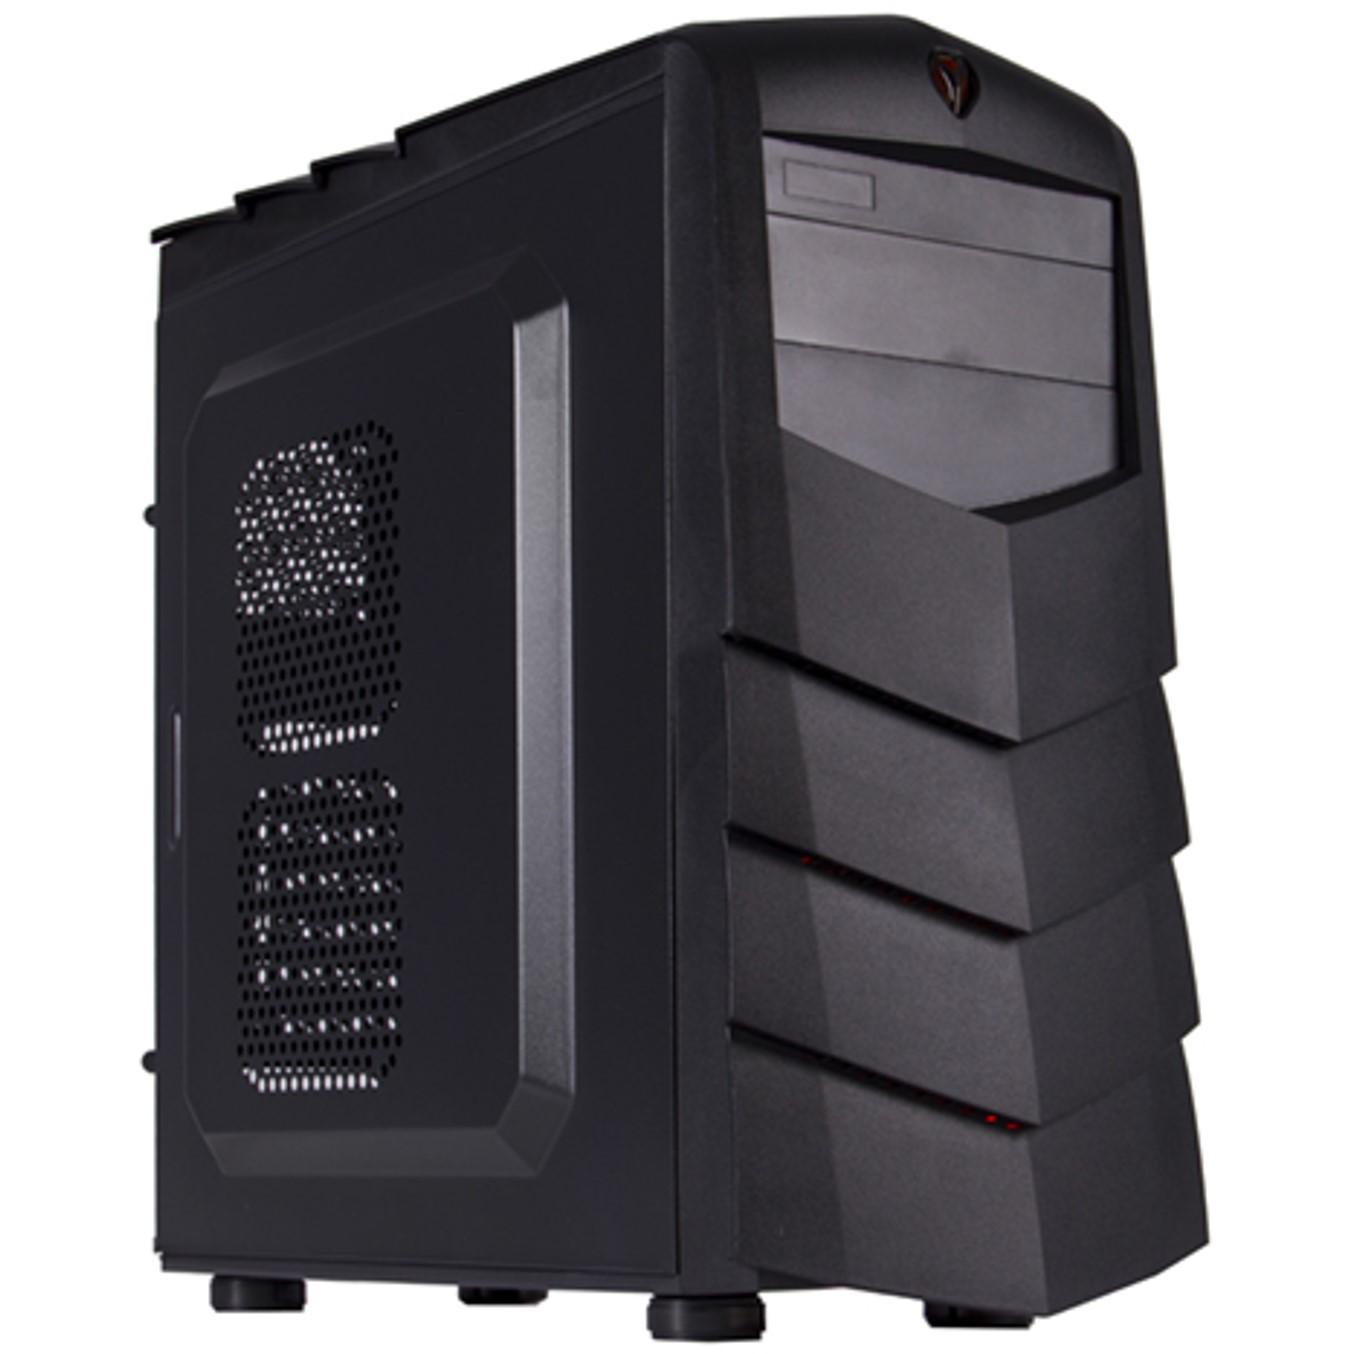 CAJA ORDENADOR ATX NEGRA PC GAMER BLACK LION PG1139